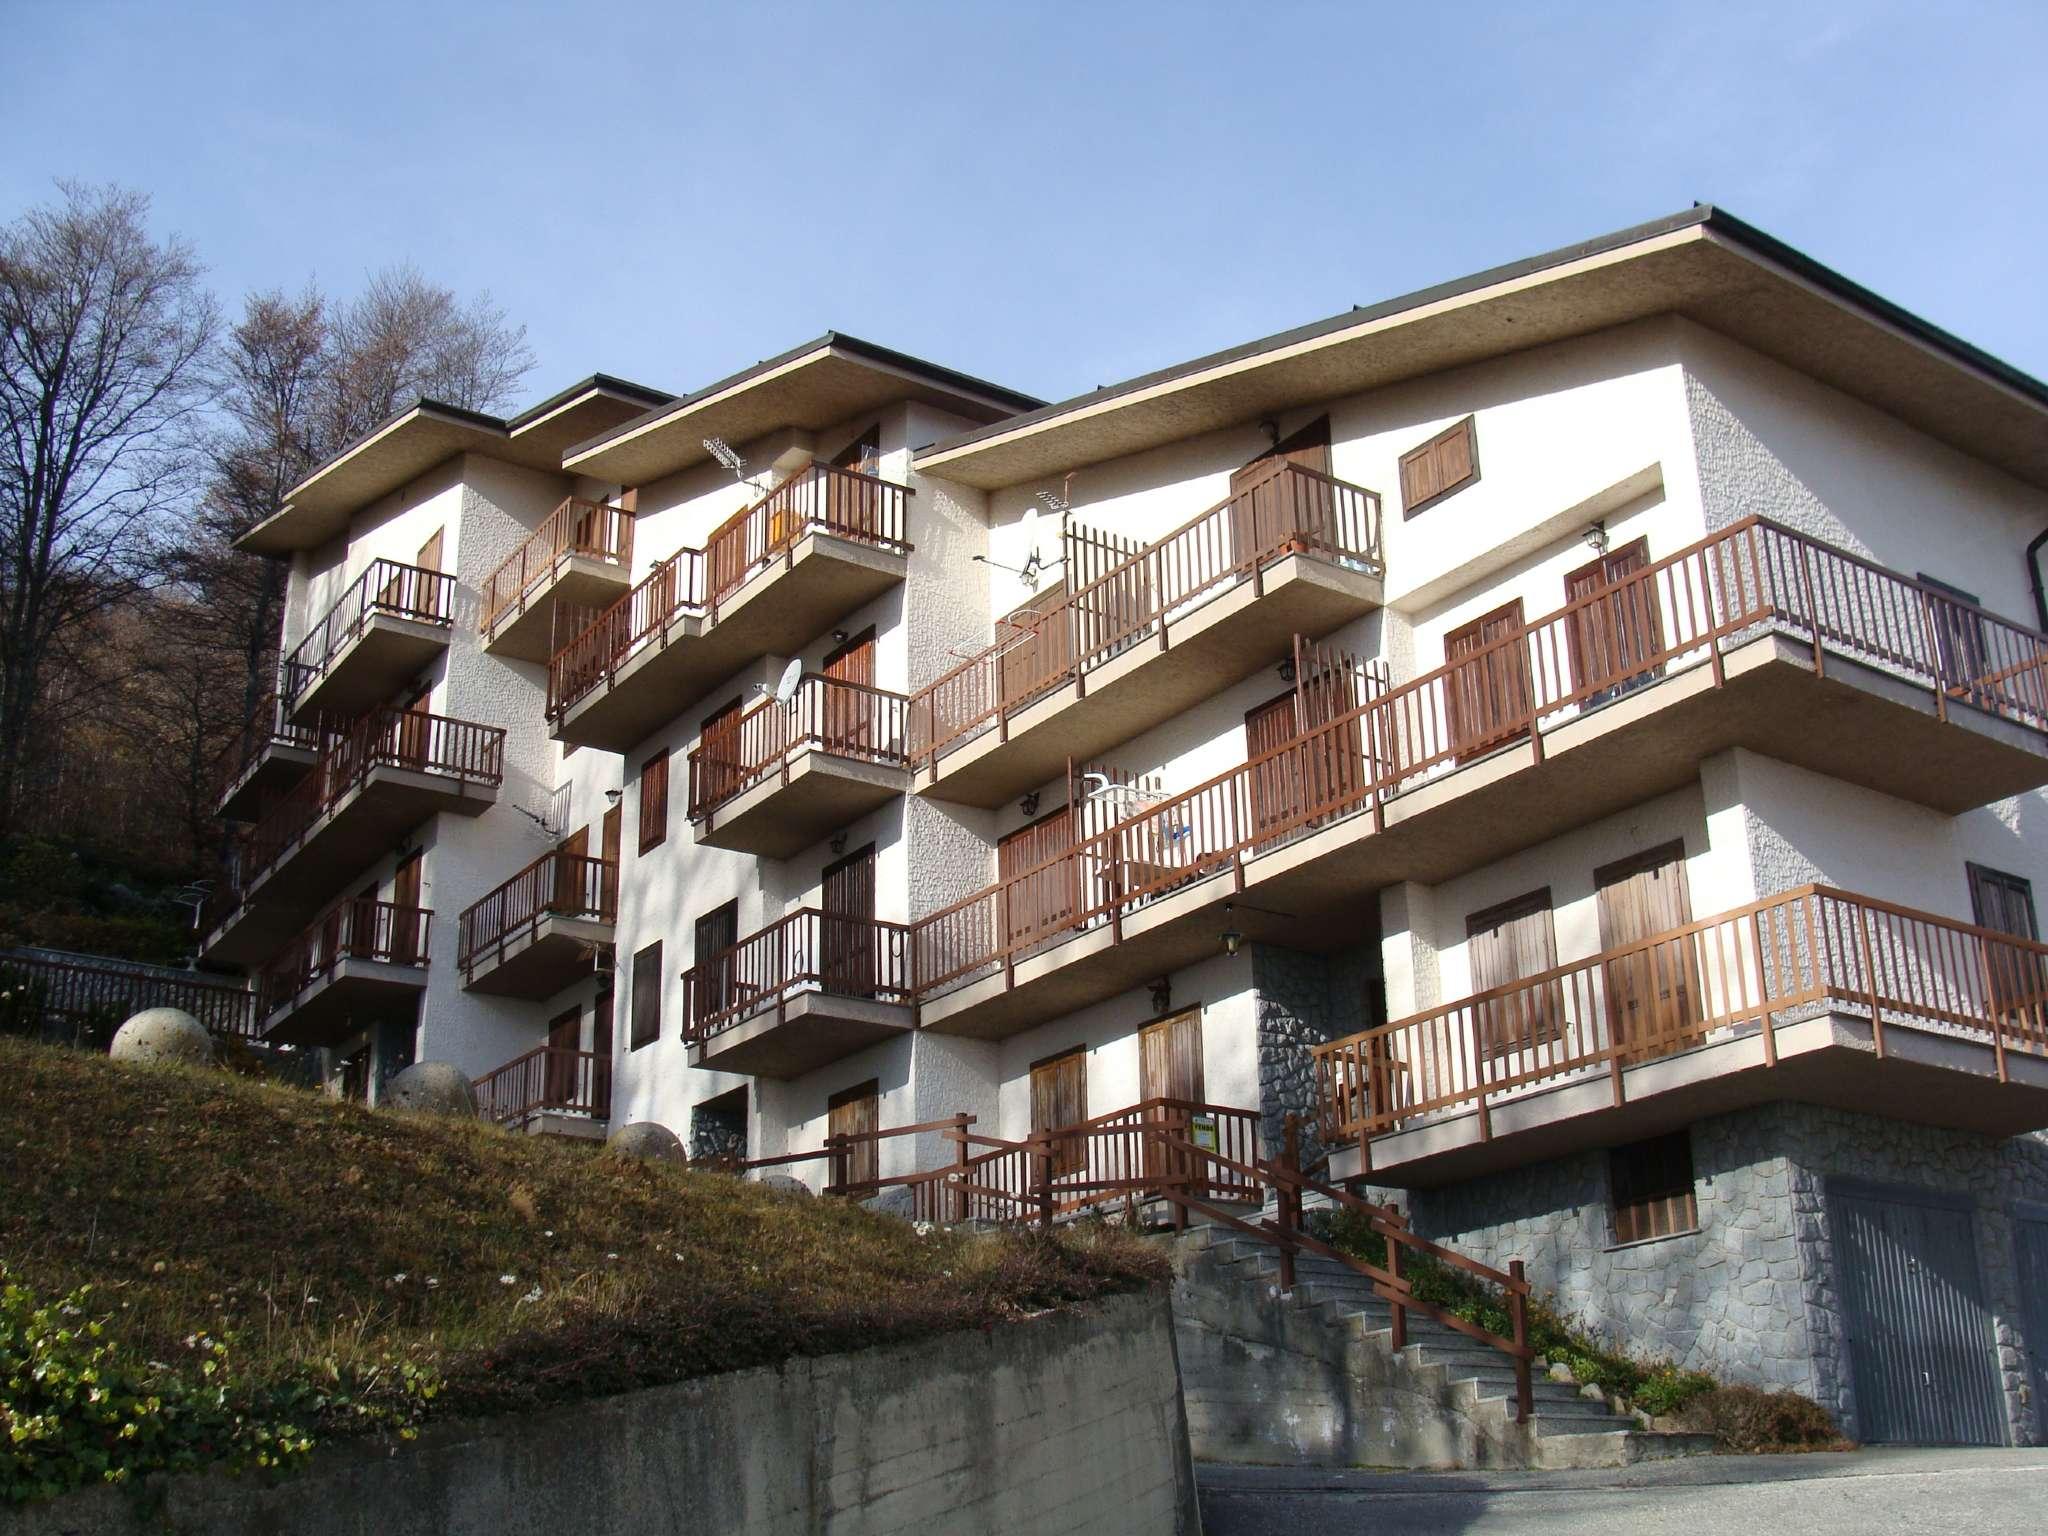 Appartamento in vendita a Monastero di Lanzo, 2 locali, prezzo € 29.000 | CambioCasa.it